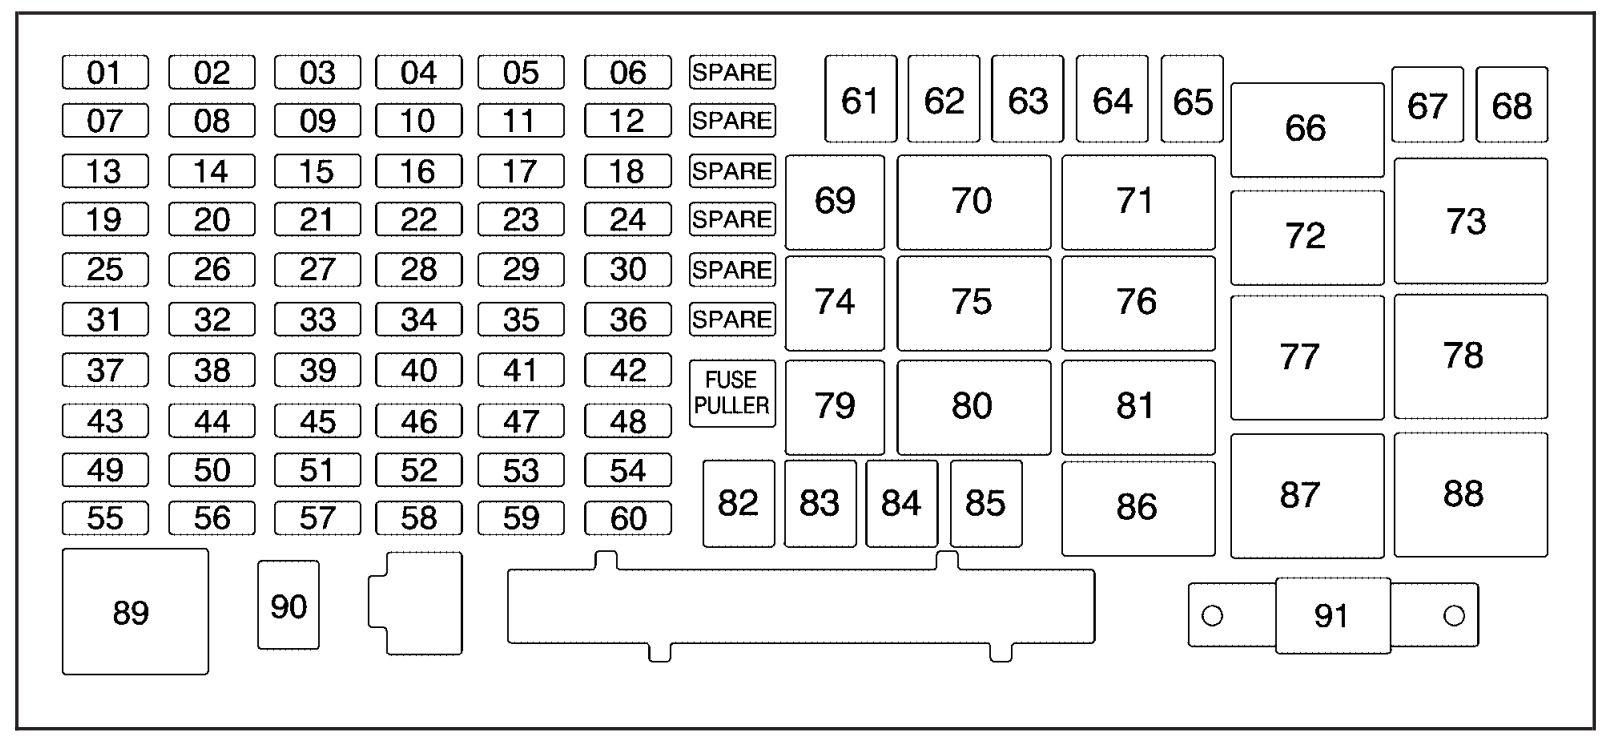 2006 Hummer H3 Fuse List Most Uptodate Wiring Diagram Info Humvee Engine Harness Schematics Free Download Schematic Rh 6 Systembeimroulette De Interior